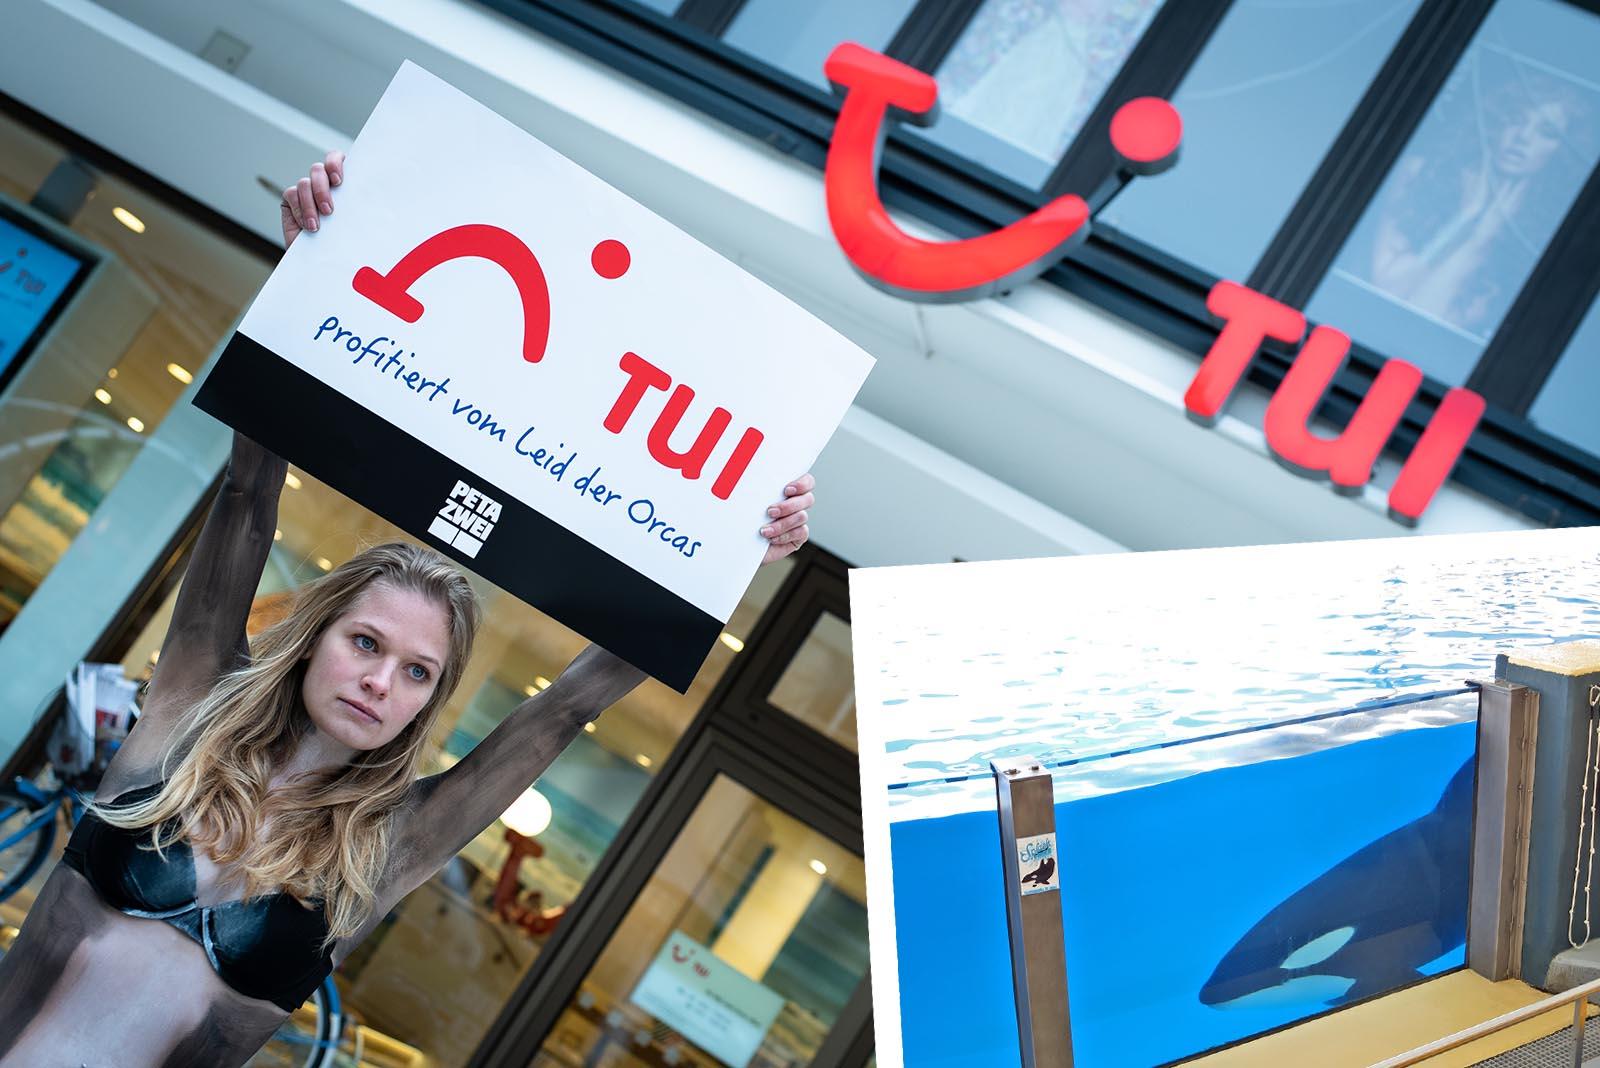 Für die Wale auf die Straße: 14 Demonstrationen vor TUI-Filialen in ganz Deutschland